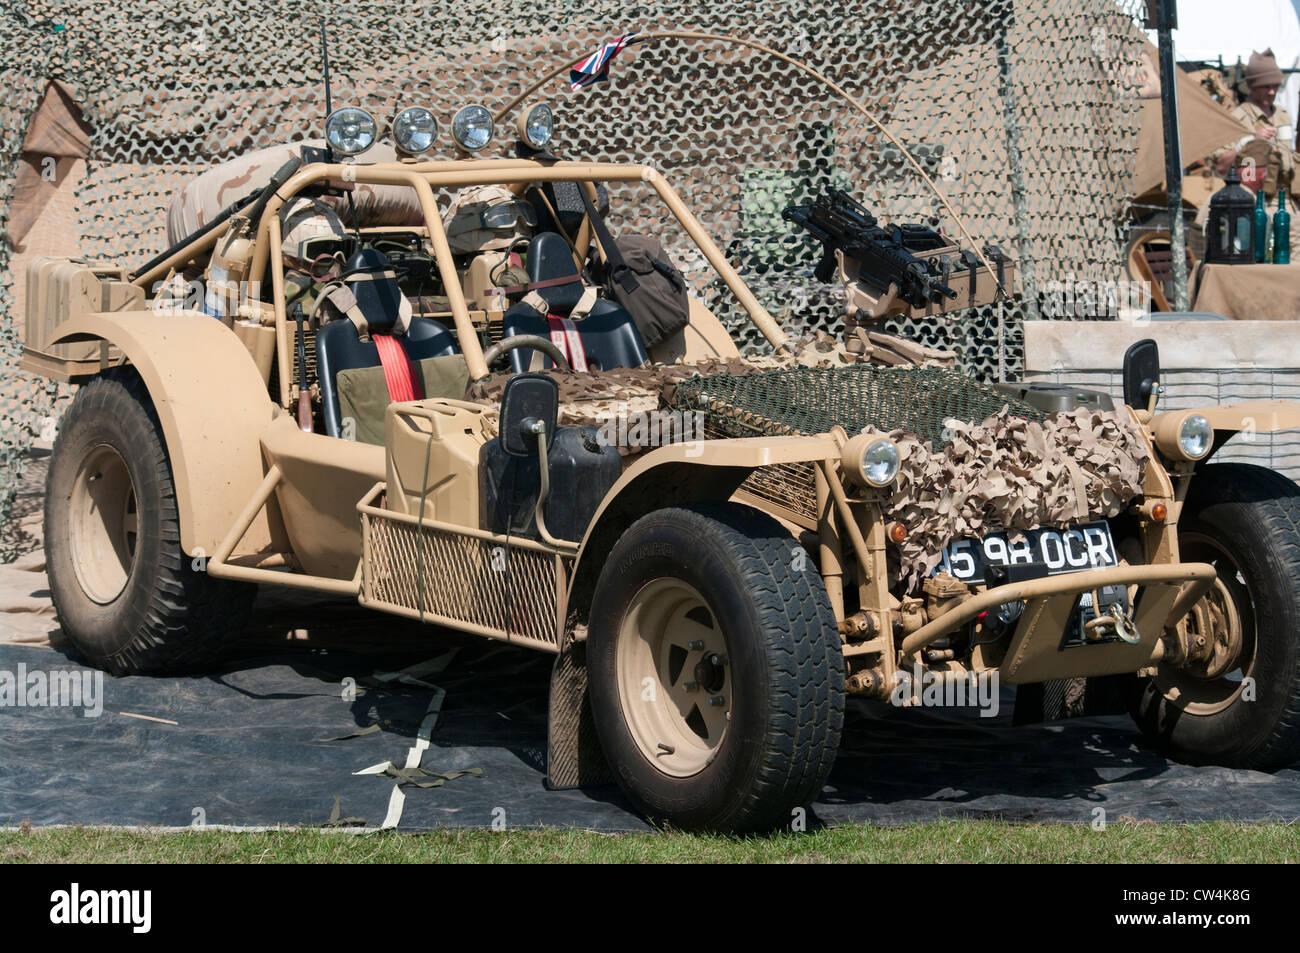 British Army Desert Patrol Vehicle Stock Photo